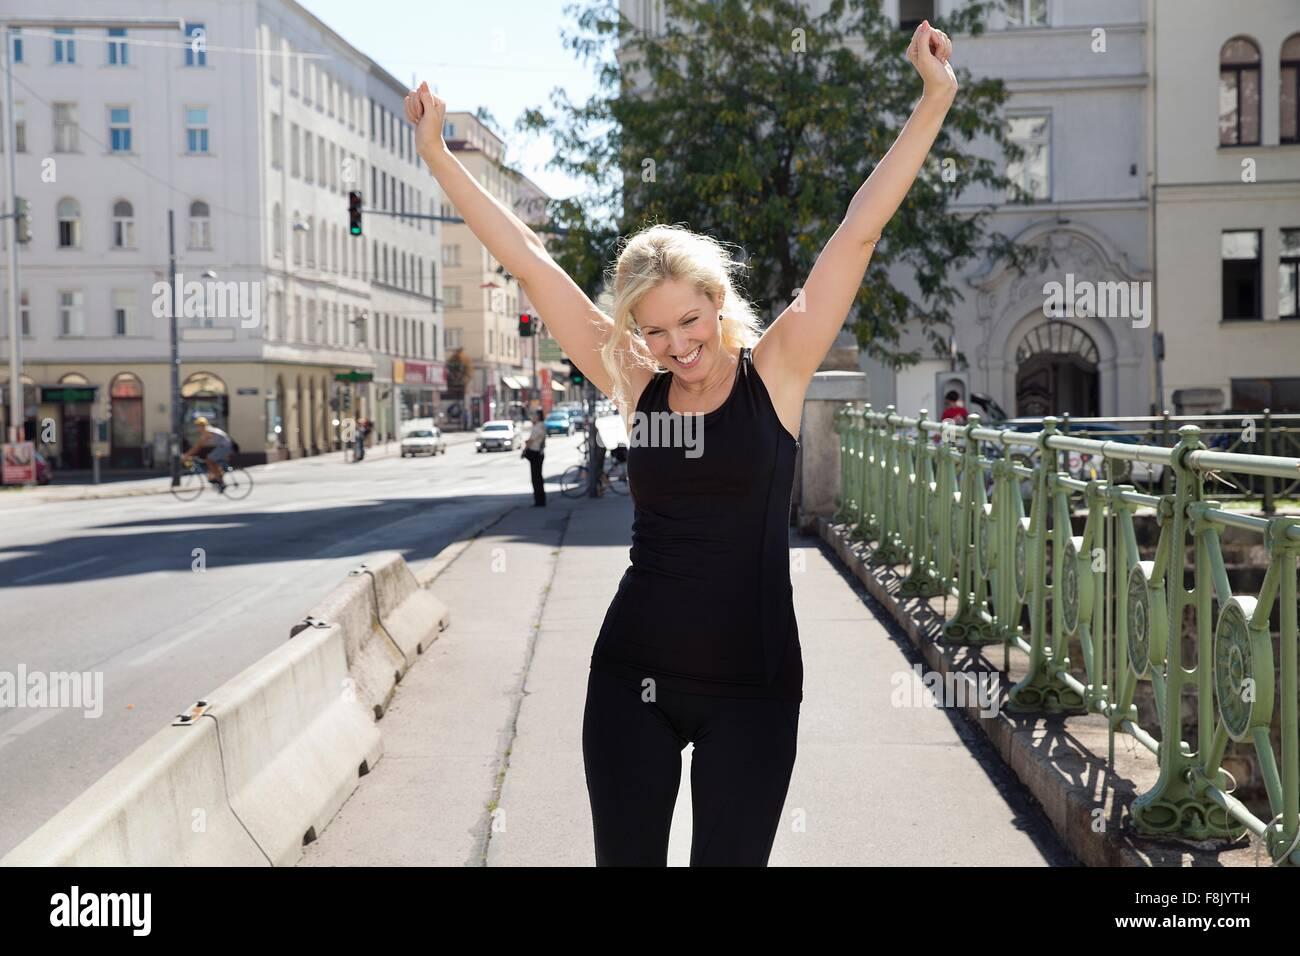 Mujer madura afuera, vistiendo ropa deportiva brazos levantados mirando sonriendo Imagen De Stock